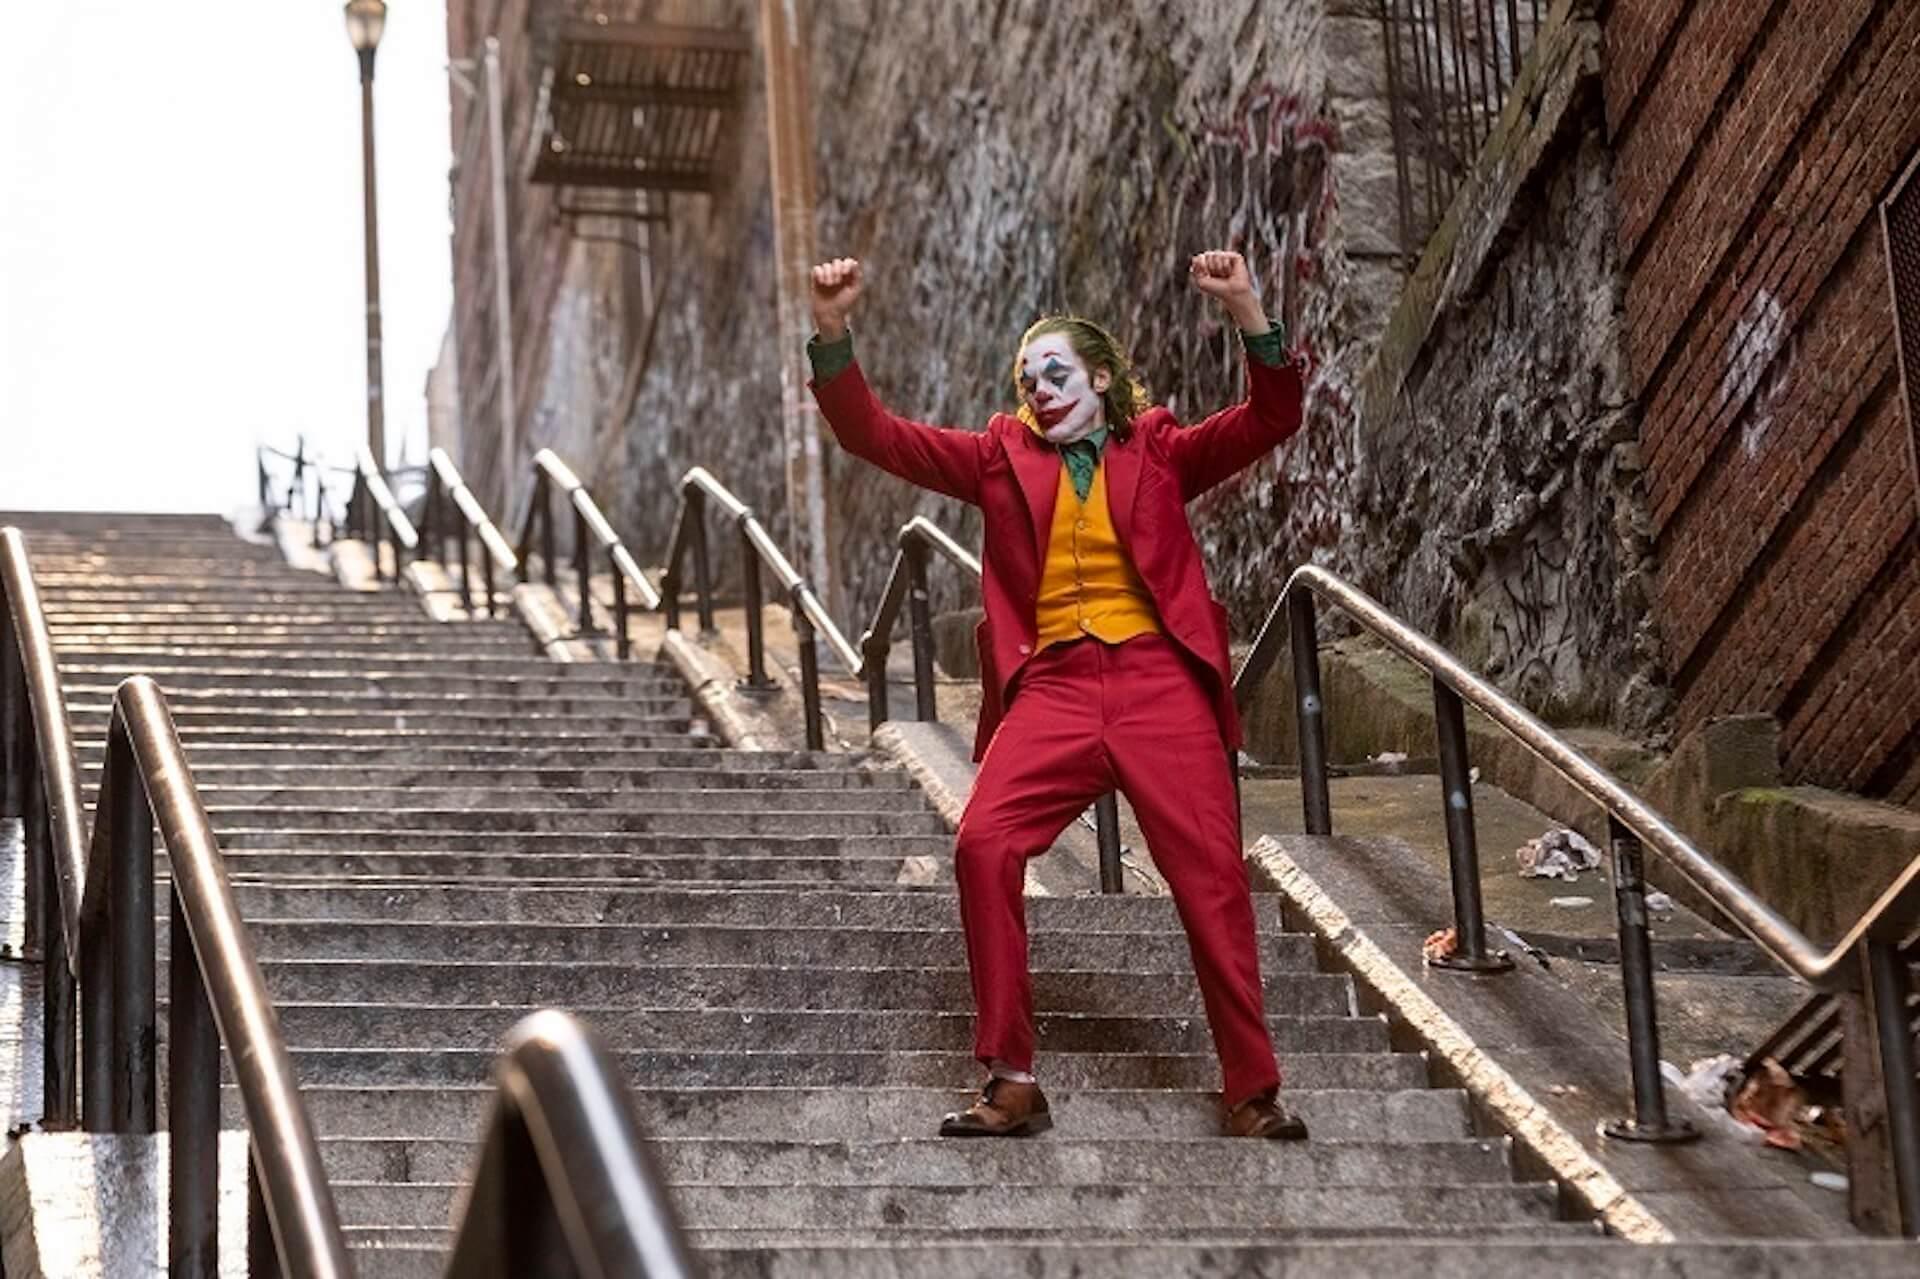 『ジョーカー』の勢いが止まらない! 公開から12日間で早くも興収20億円突破 film191016_joker_main